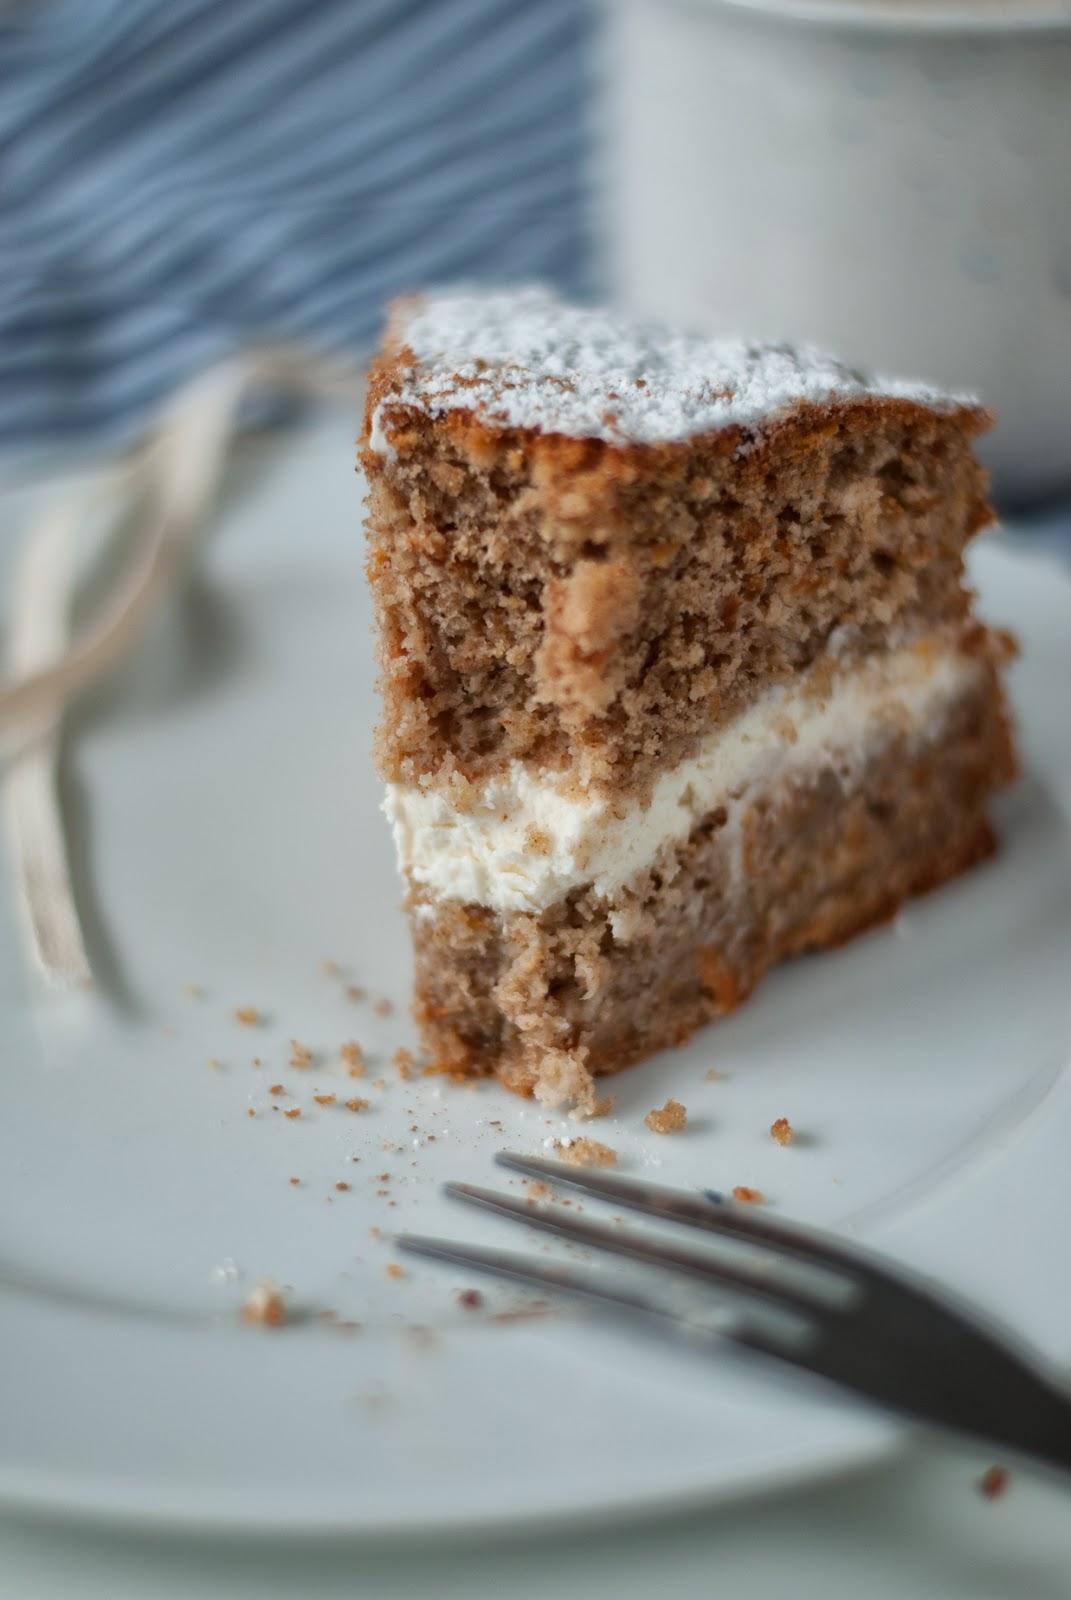 Szybkie ciasto marchewkowe bez glutenu